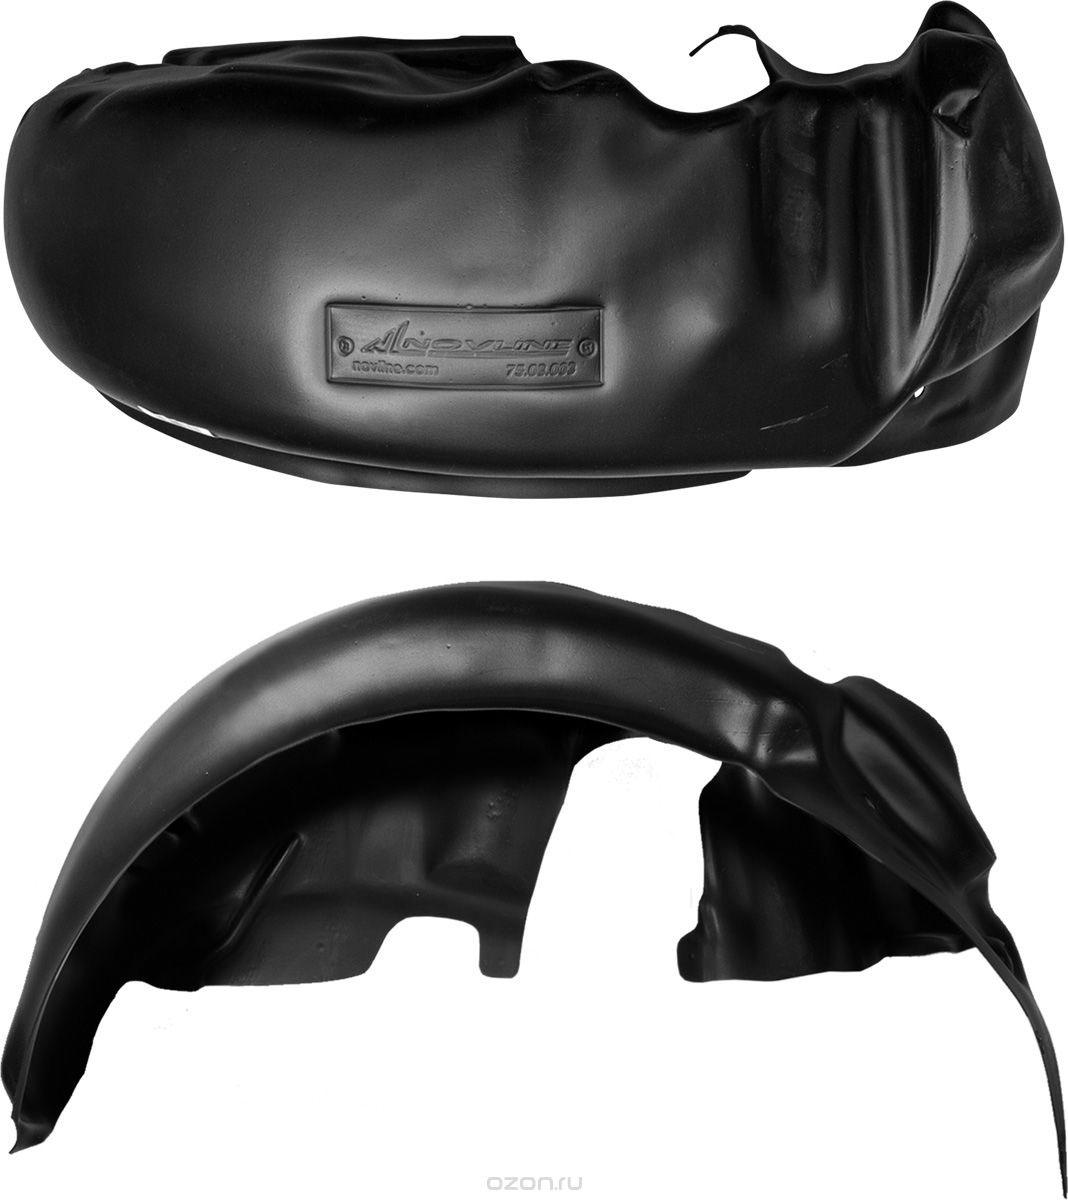 Подкрылок Novline-Autofamily, для DONGFENG H30, 03/2014->, Хэтчбек, задний правыйNLL.96.01.004Идеальная защита колесной ниши. Локеры разработаны с применением цифровых технологий, гарантируют максимальную повторяемость поверхности арки. Изделия устанавливаются без нарушения лакокрасочного покрытия автомобиля, каждый подкрылок комплектуется крепежом. Уважаемые клиенты, обращаем ваше внимание, что фотографии на подкрылки универсальные и не отражают реальную форму изделия. При этом само изделие идет точно под размер указанного автомобиля.